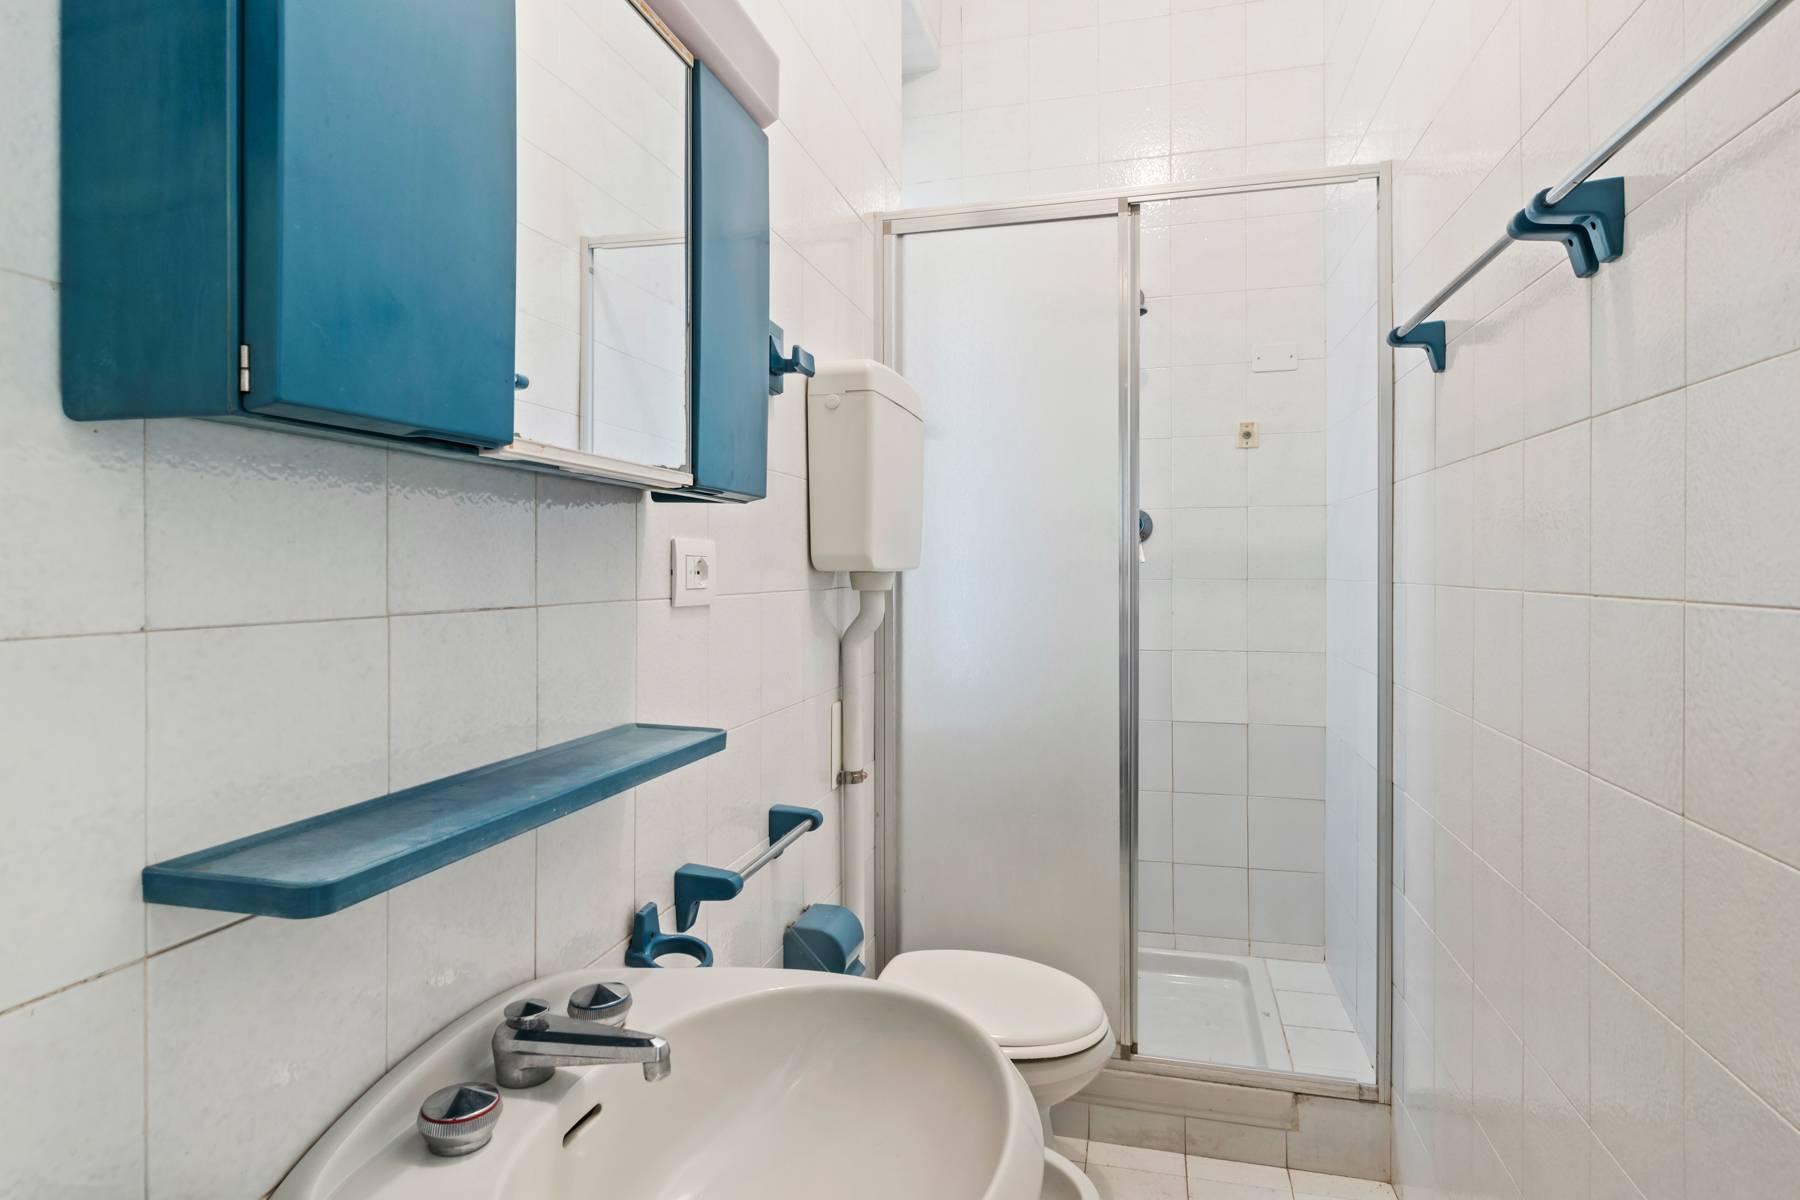 Appartamento in Vendita a Santa Margherita Ligure: 5 locali, 120 mq - Foto 21